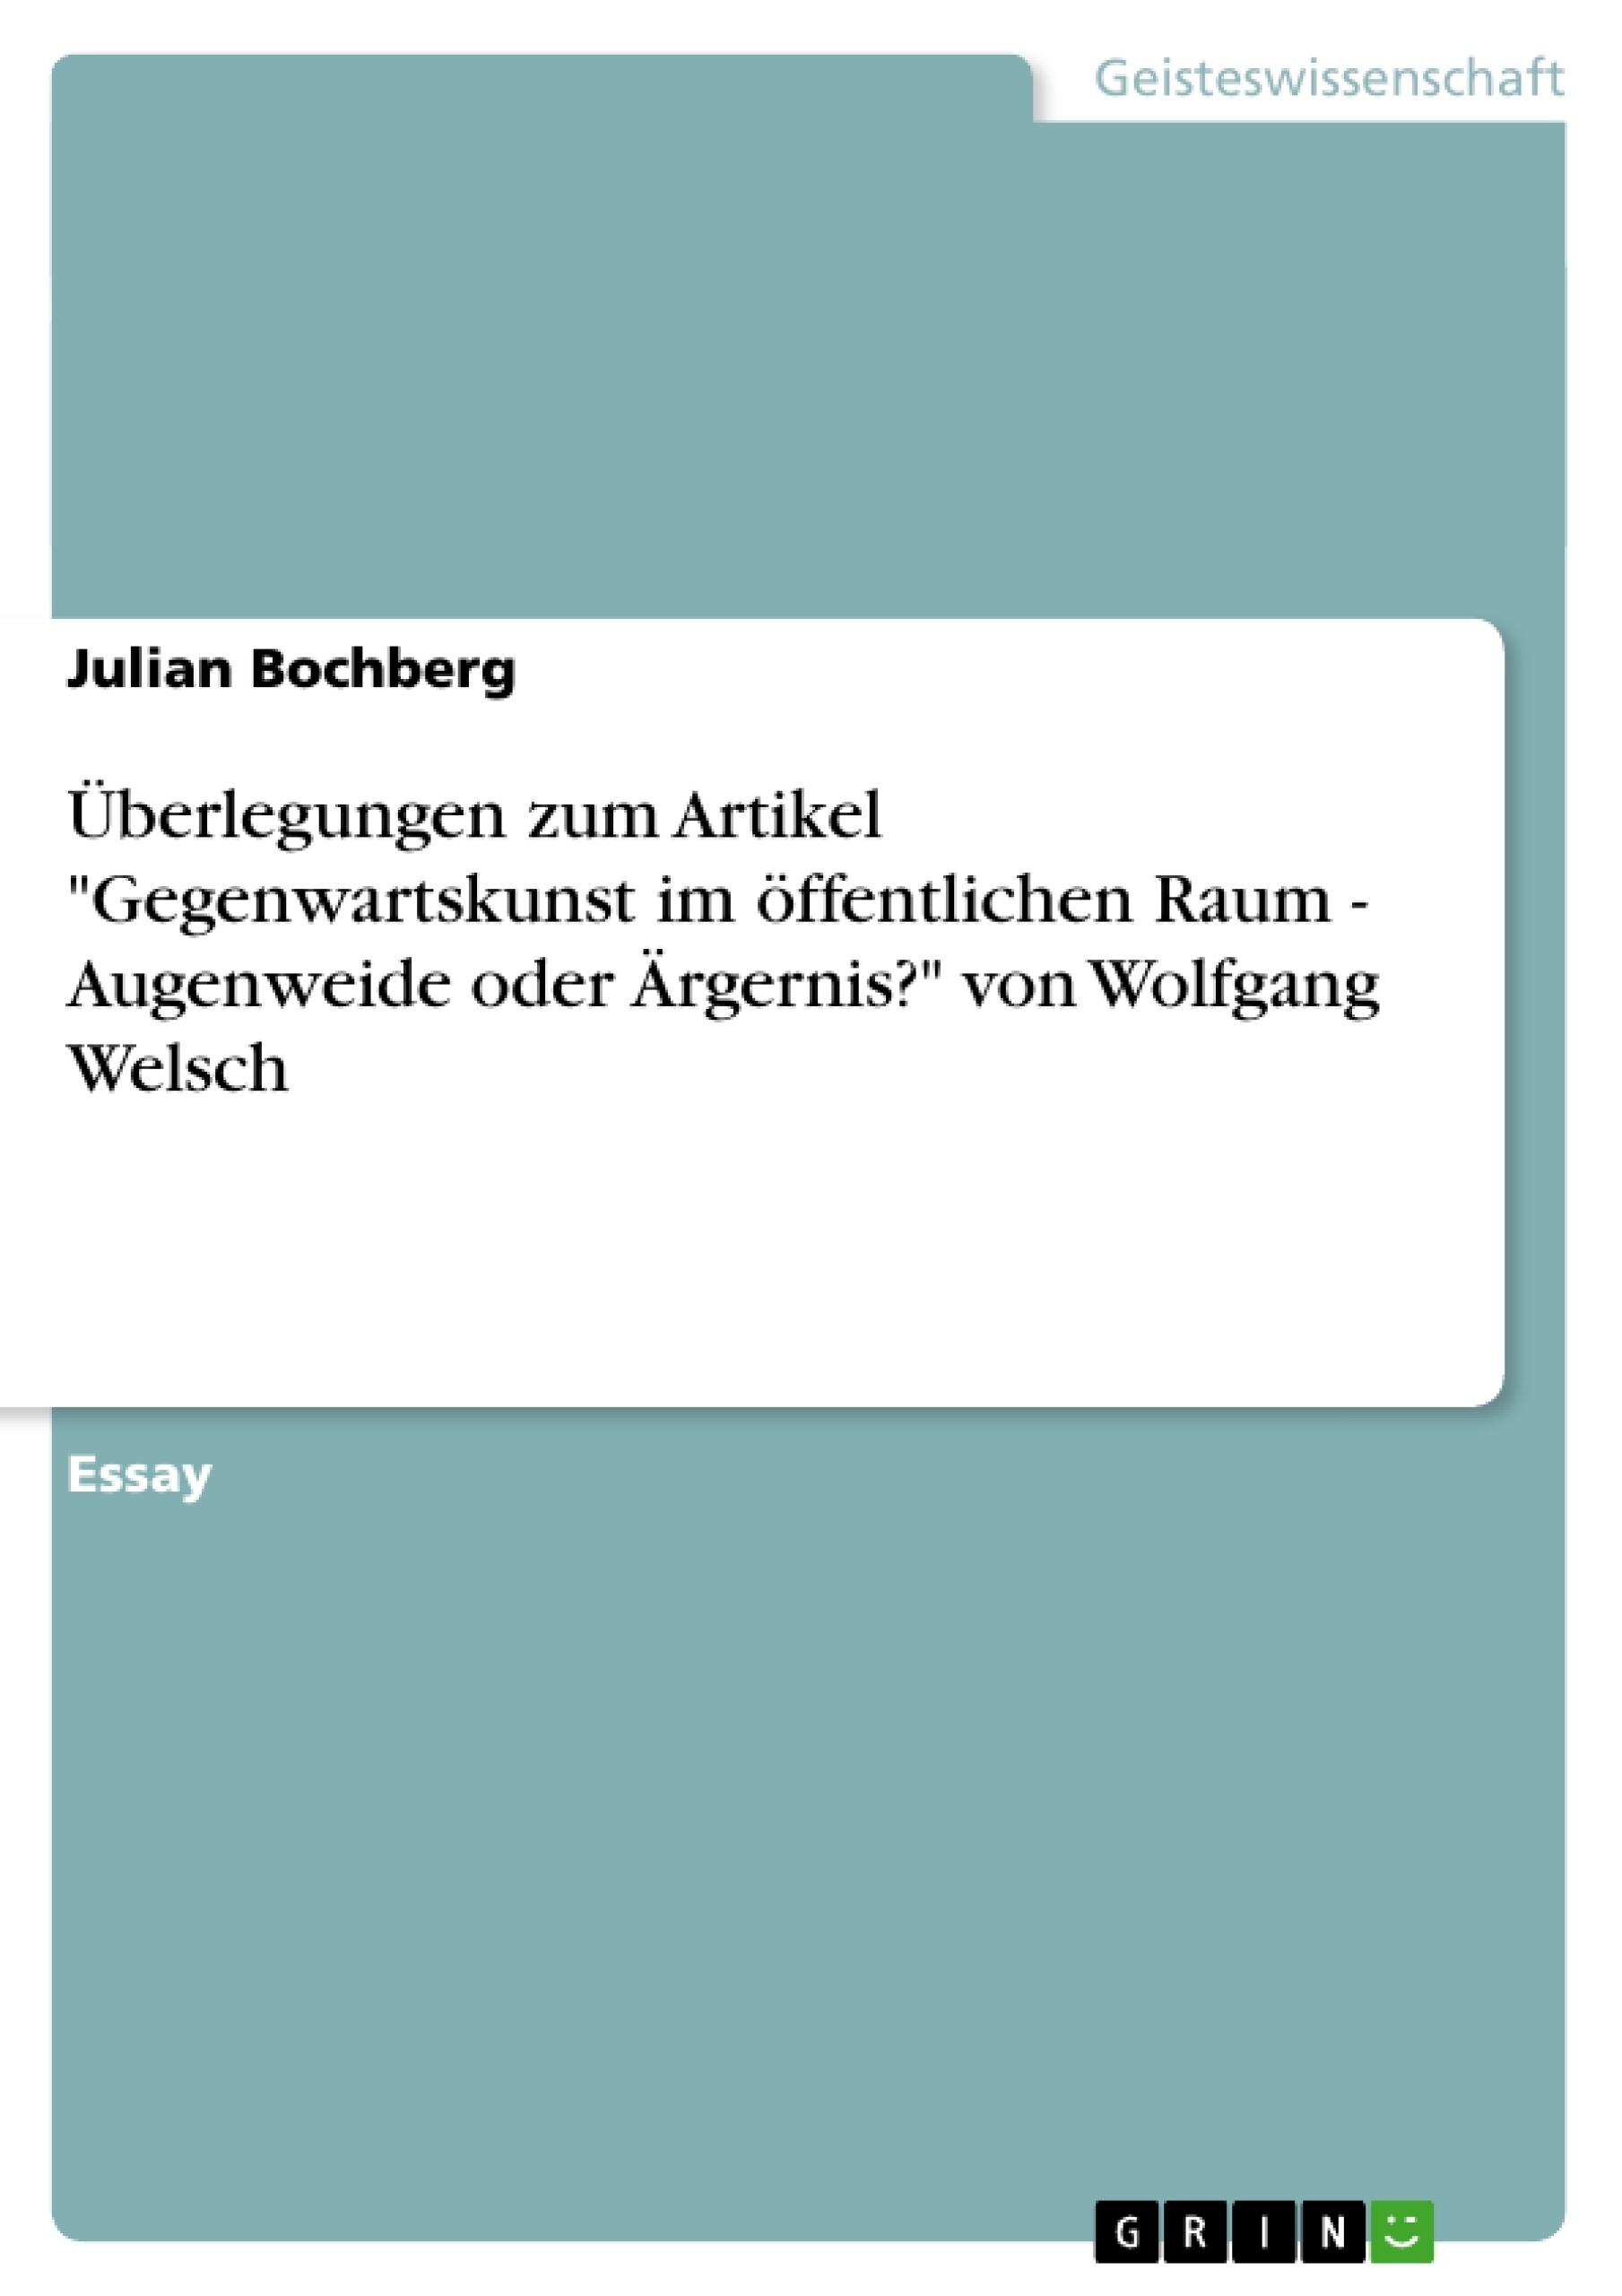 """Titel: Überlegungen zum Artikel """"Gegenwartskunst im öffentlichen Raum - Augenweide oder Ärgernis?"""" von Wolfgang Welsch"""